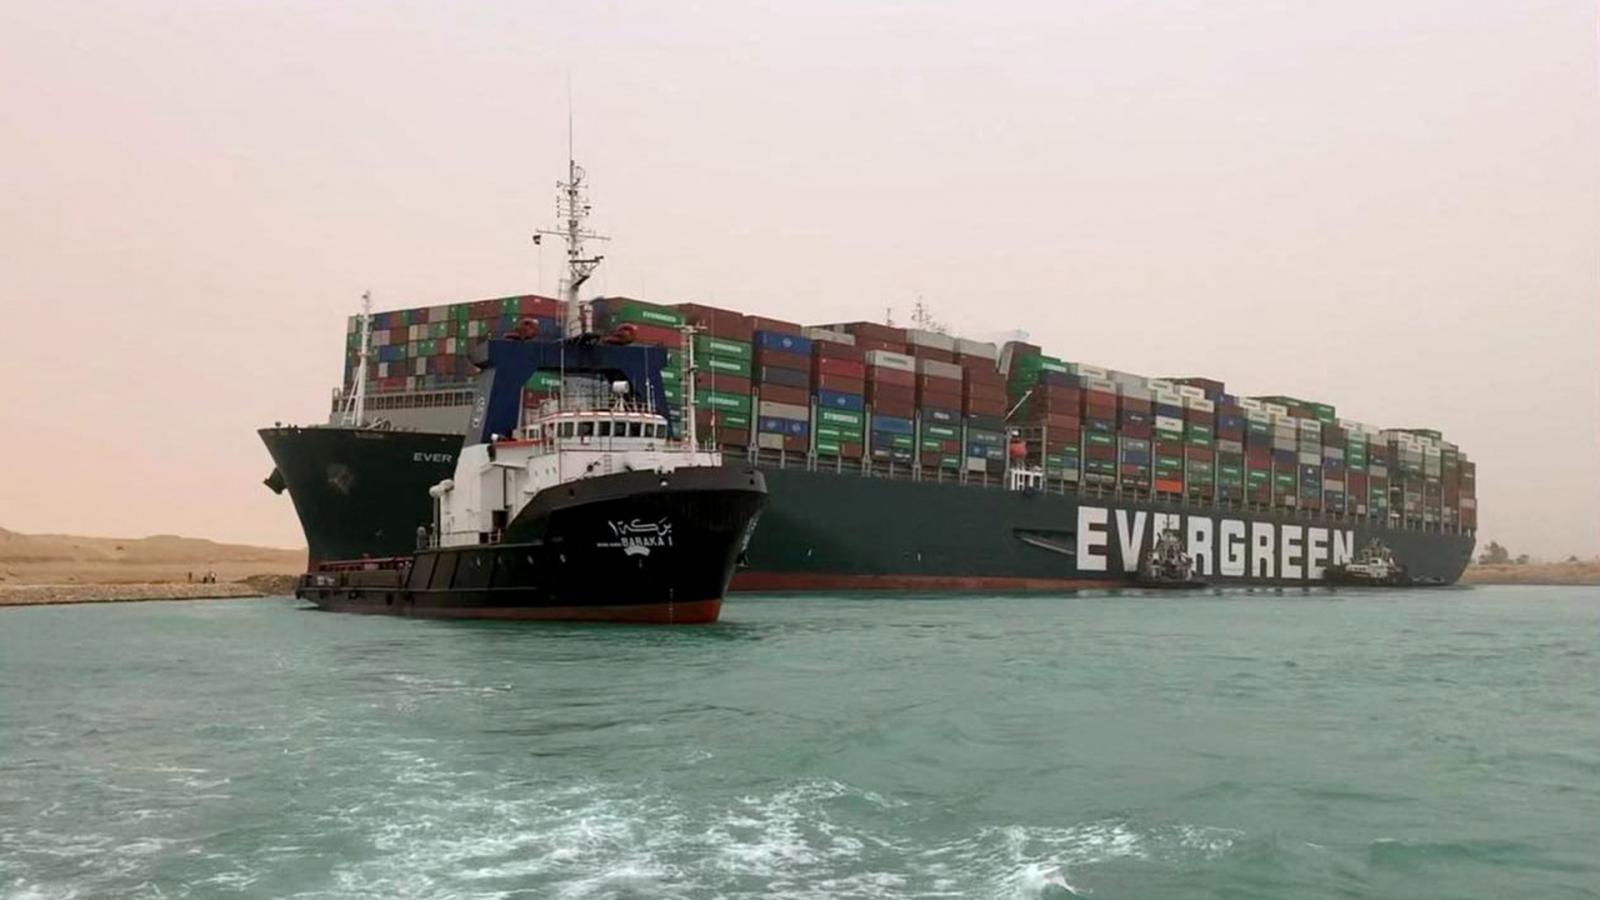 เรือขนส่งสินค้ายักษ์ เกยตื้นขวางคลองสุเอซ ทำจราจรอัมพาต